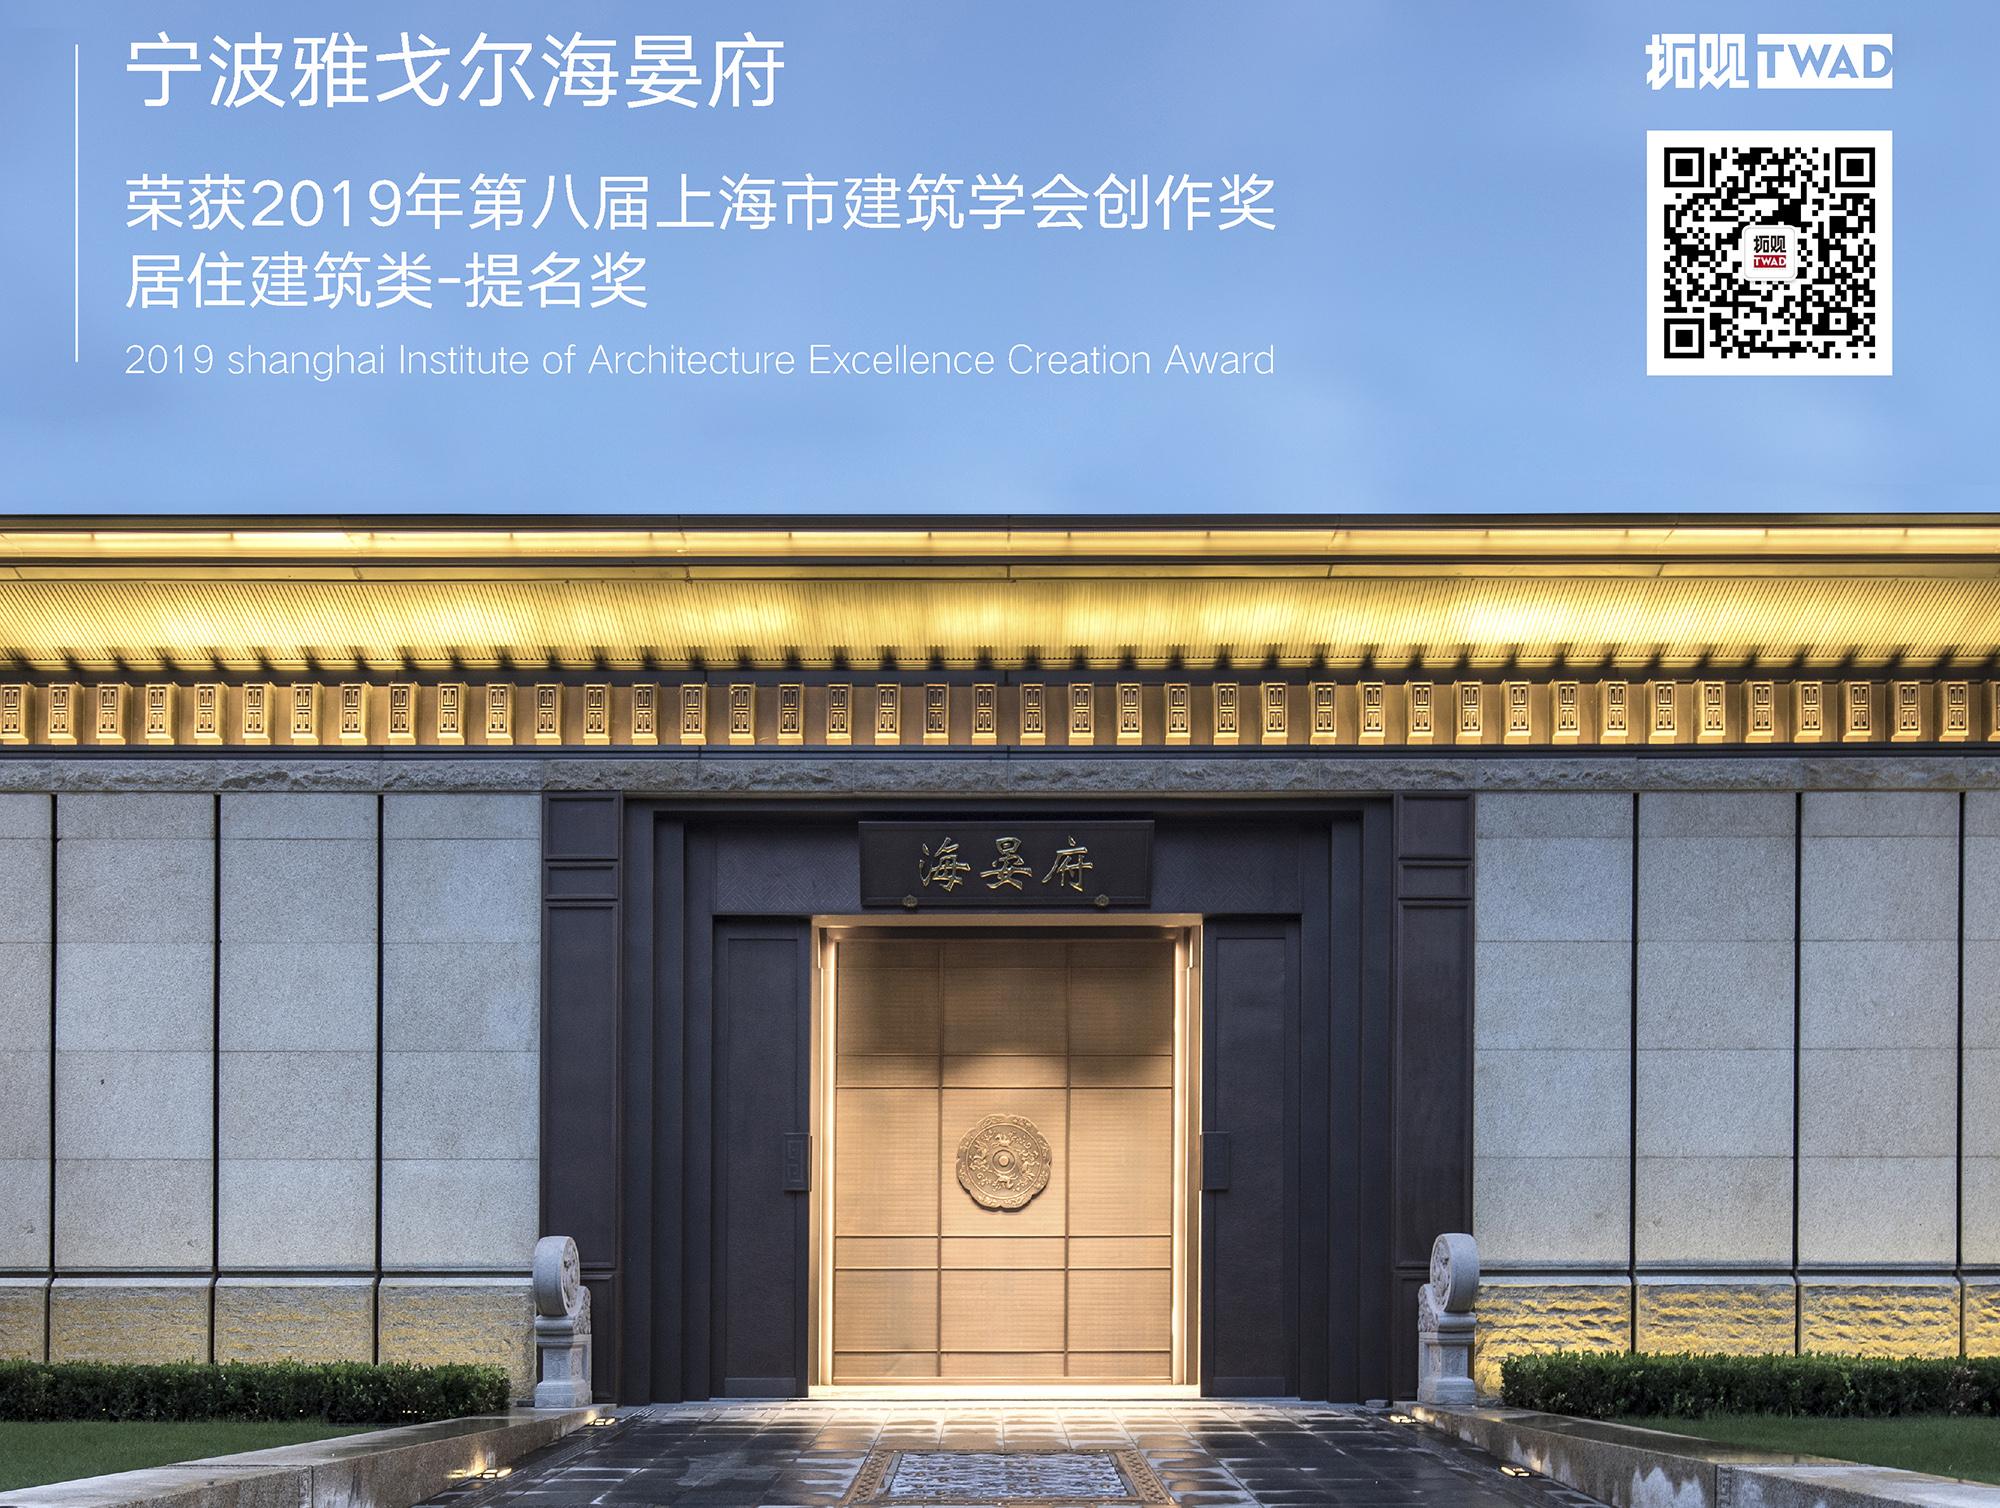 捷报 | 宁波雅戈尔海晏府荣获2019年第八届上海市建筑学会创作奖居住建筑类-提名奖